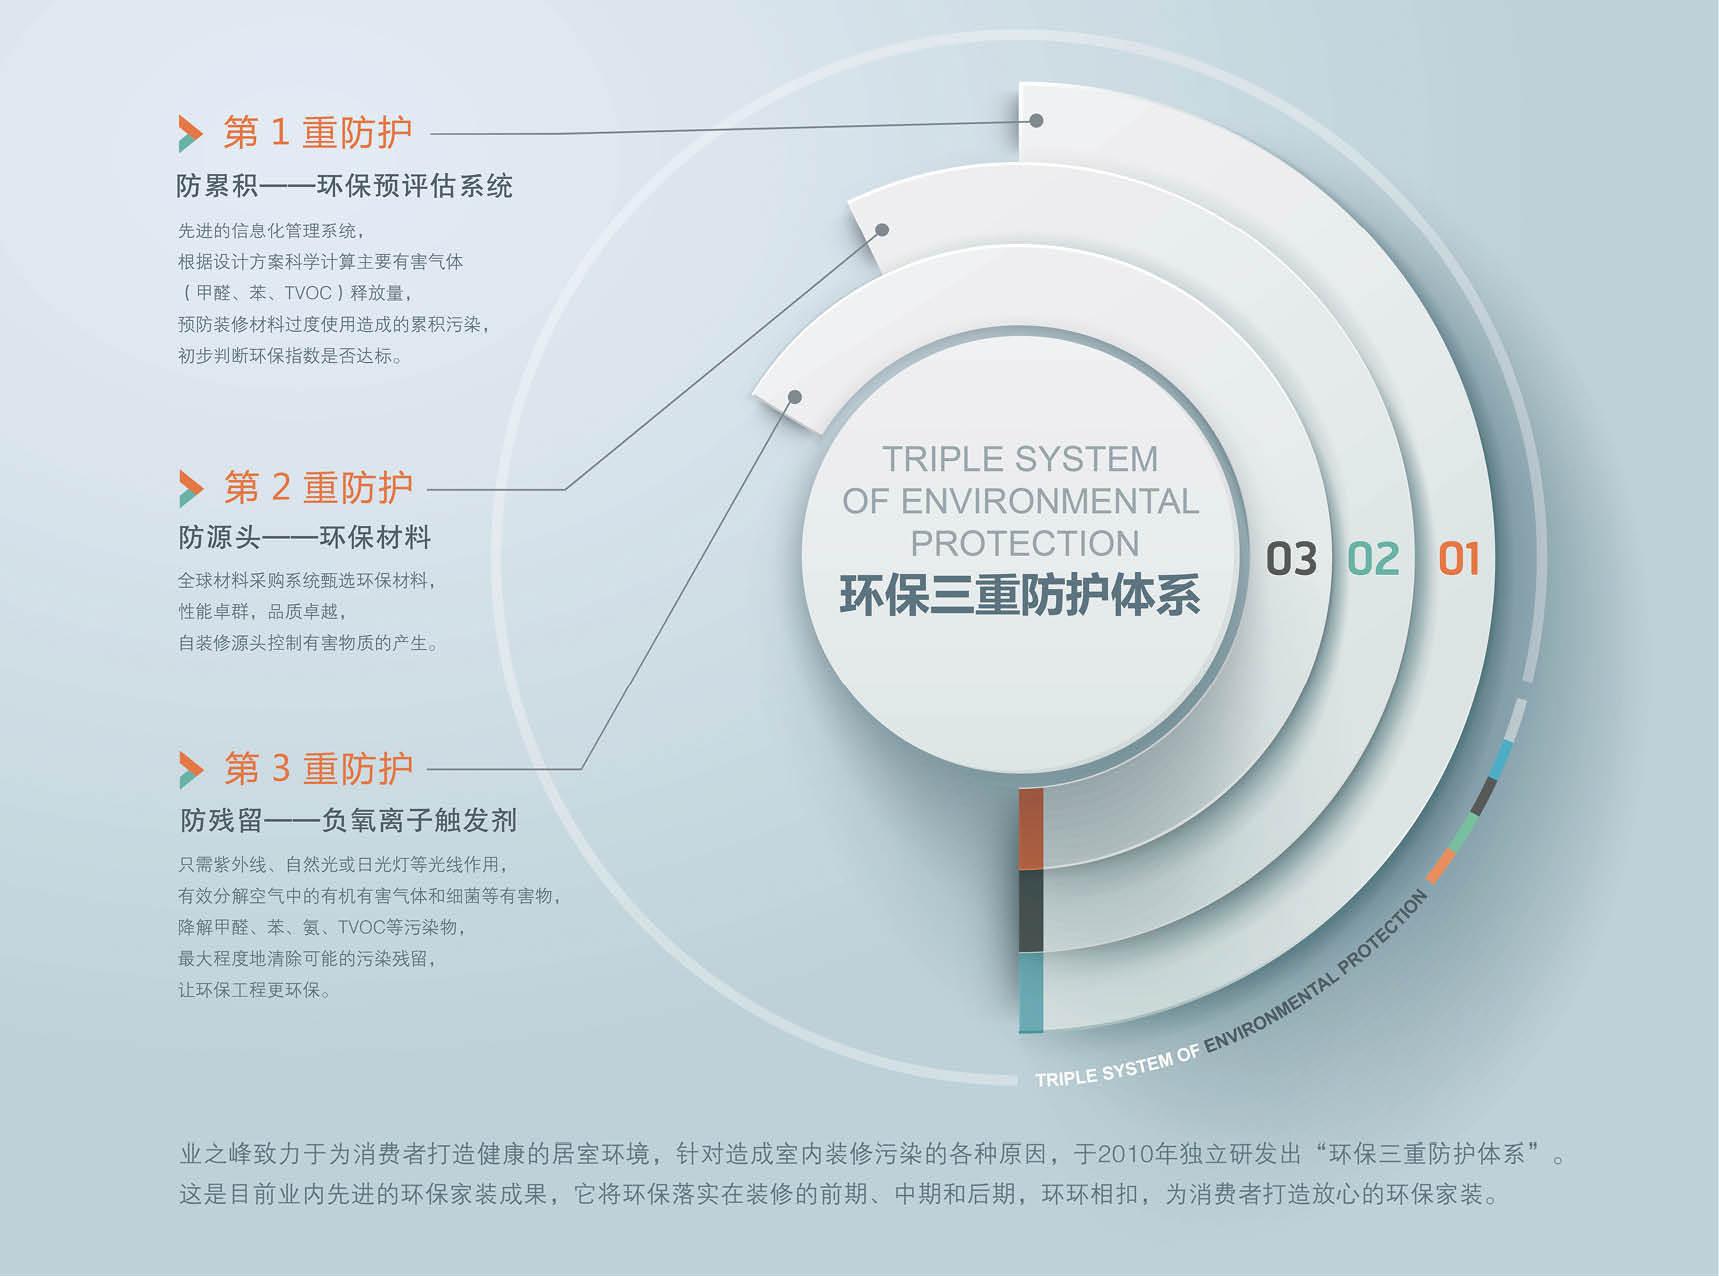 西宁业之峰环保三重防护体系